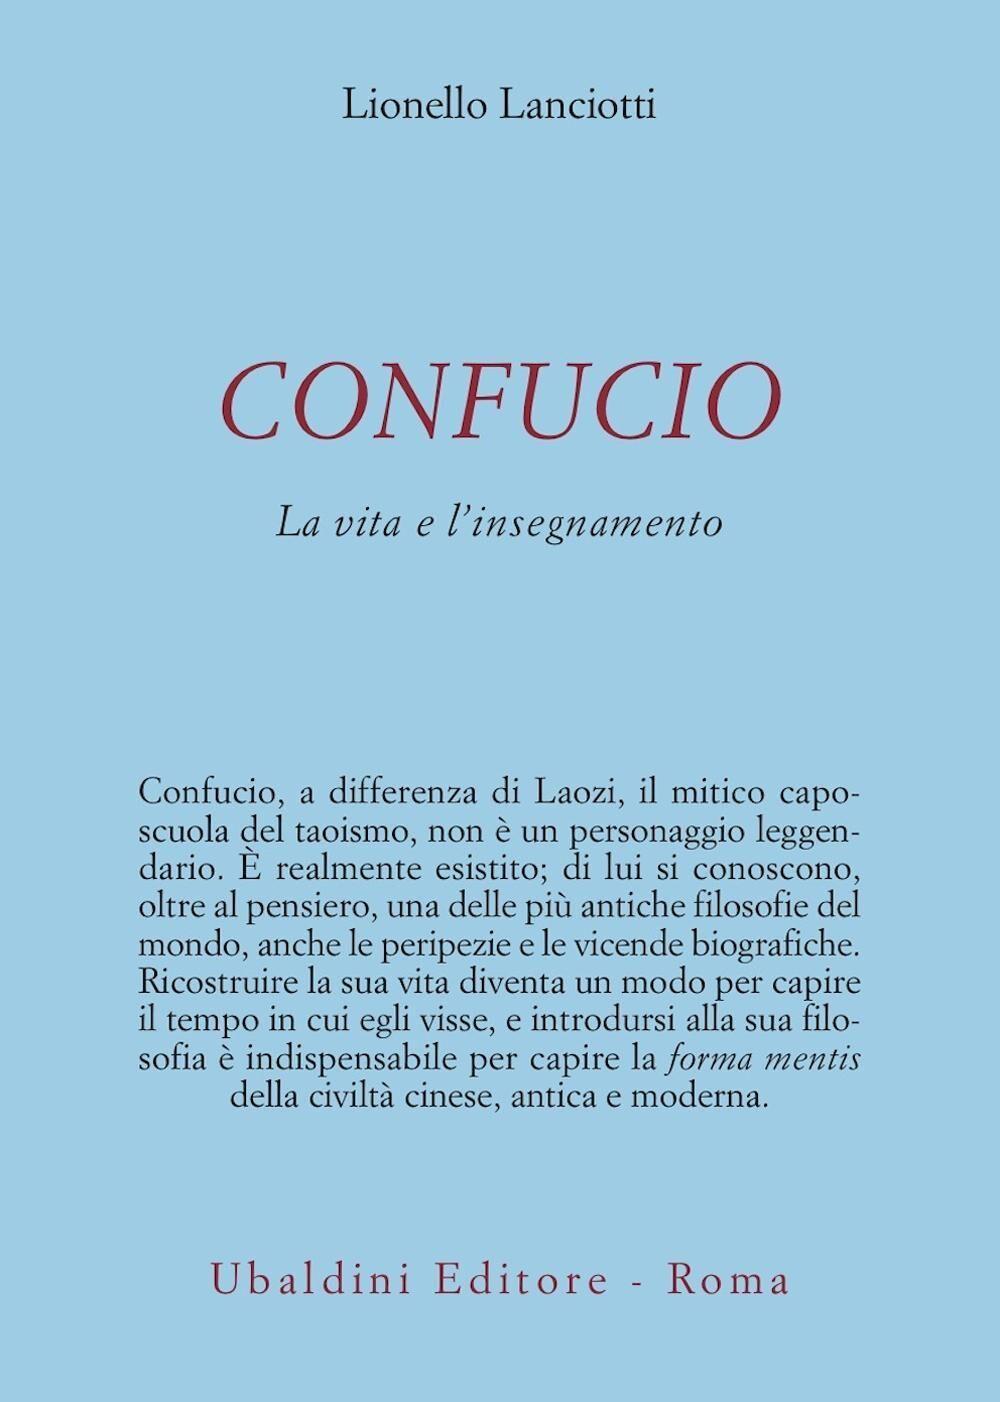 Confucio. La vita e l'insegnamento